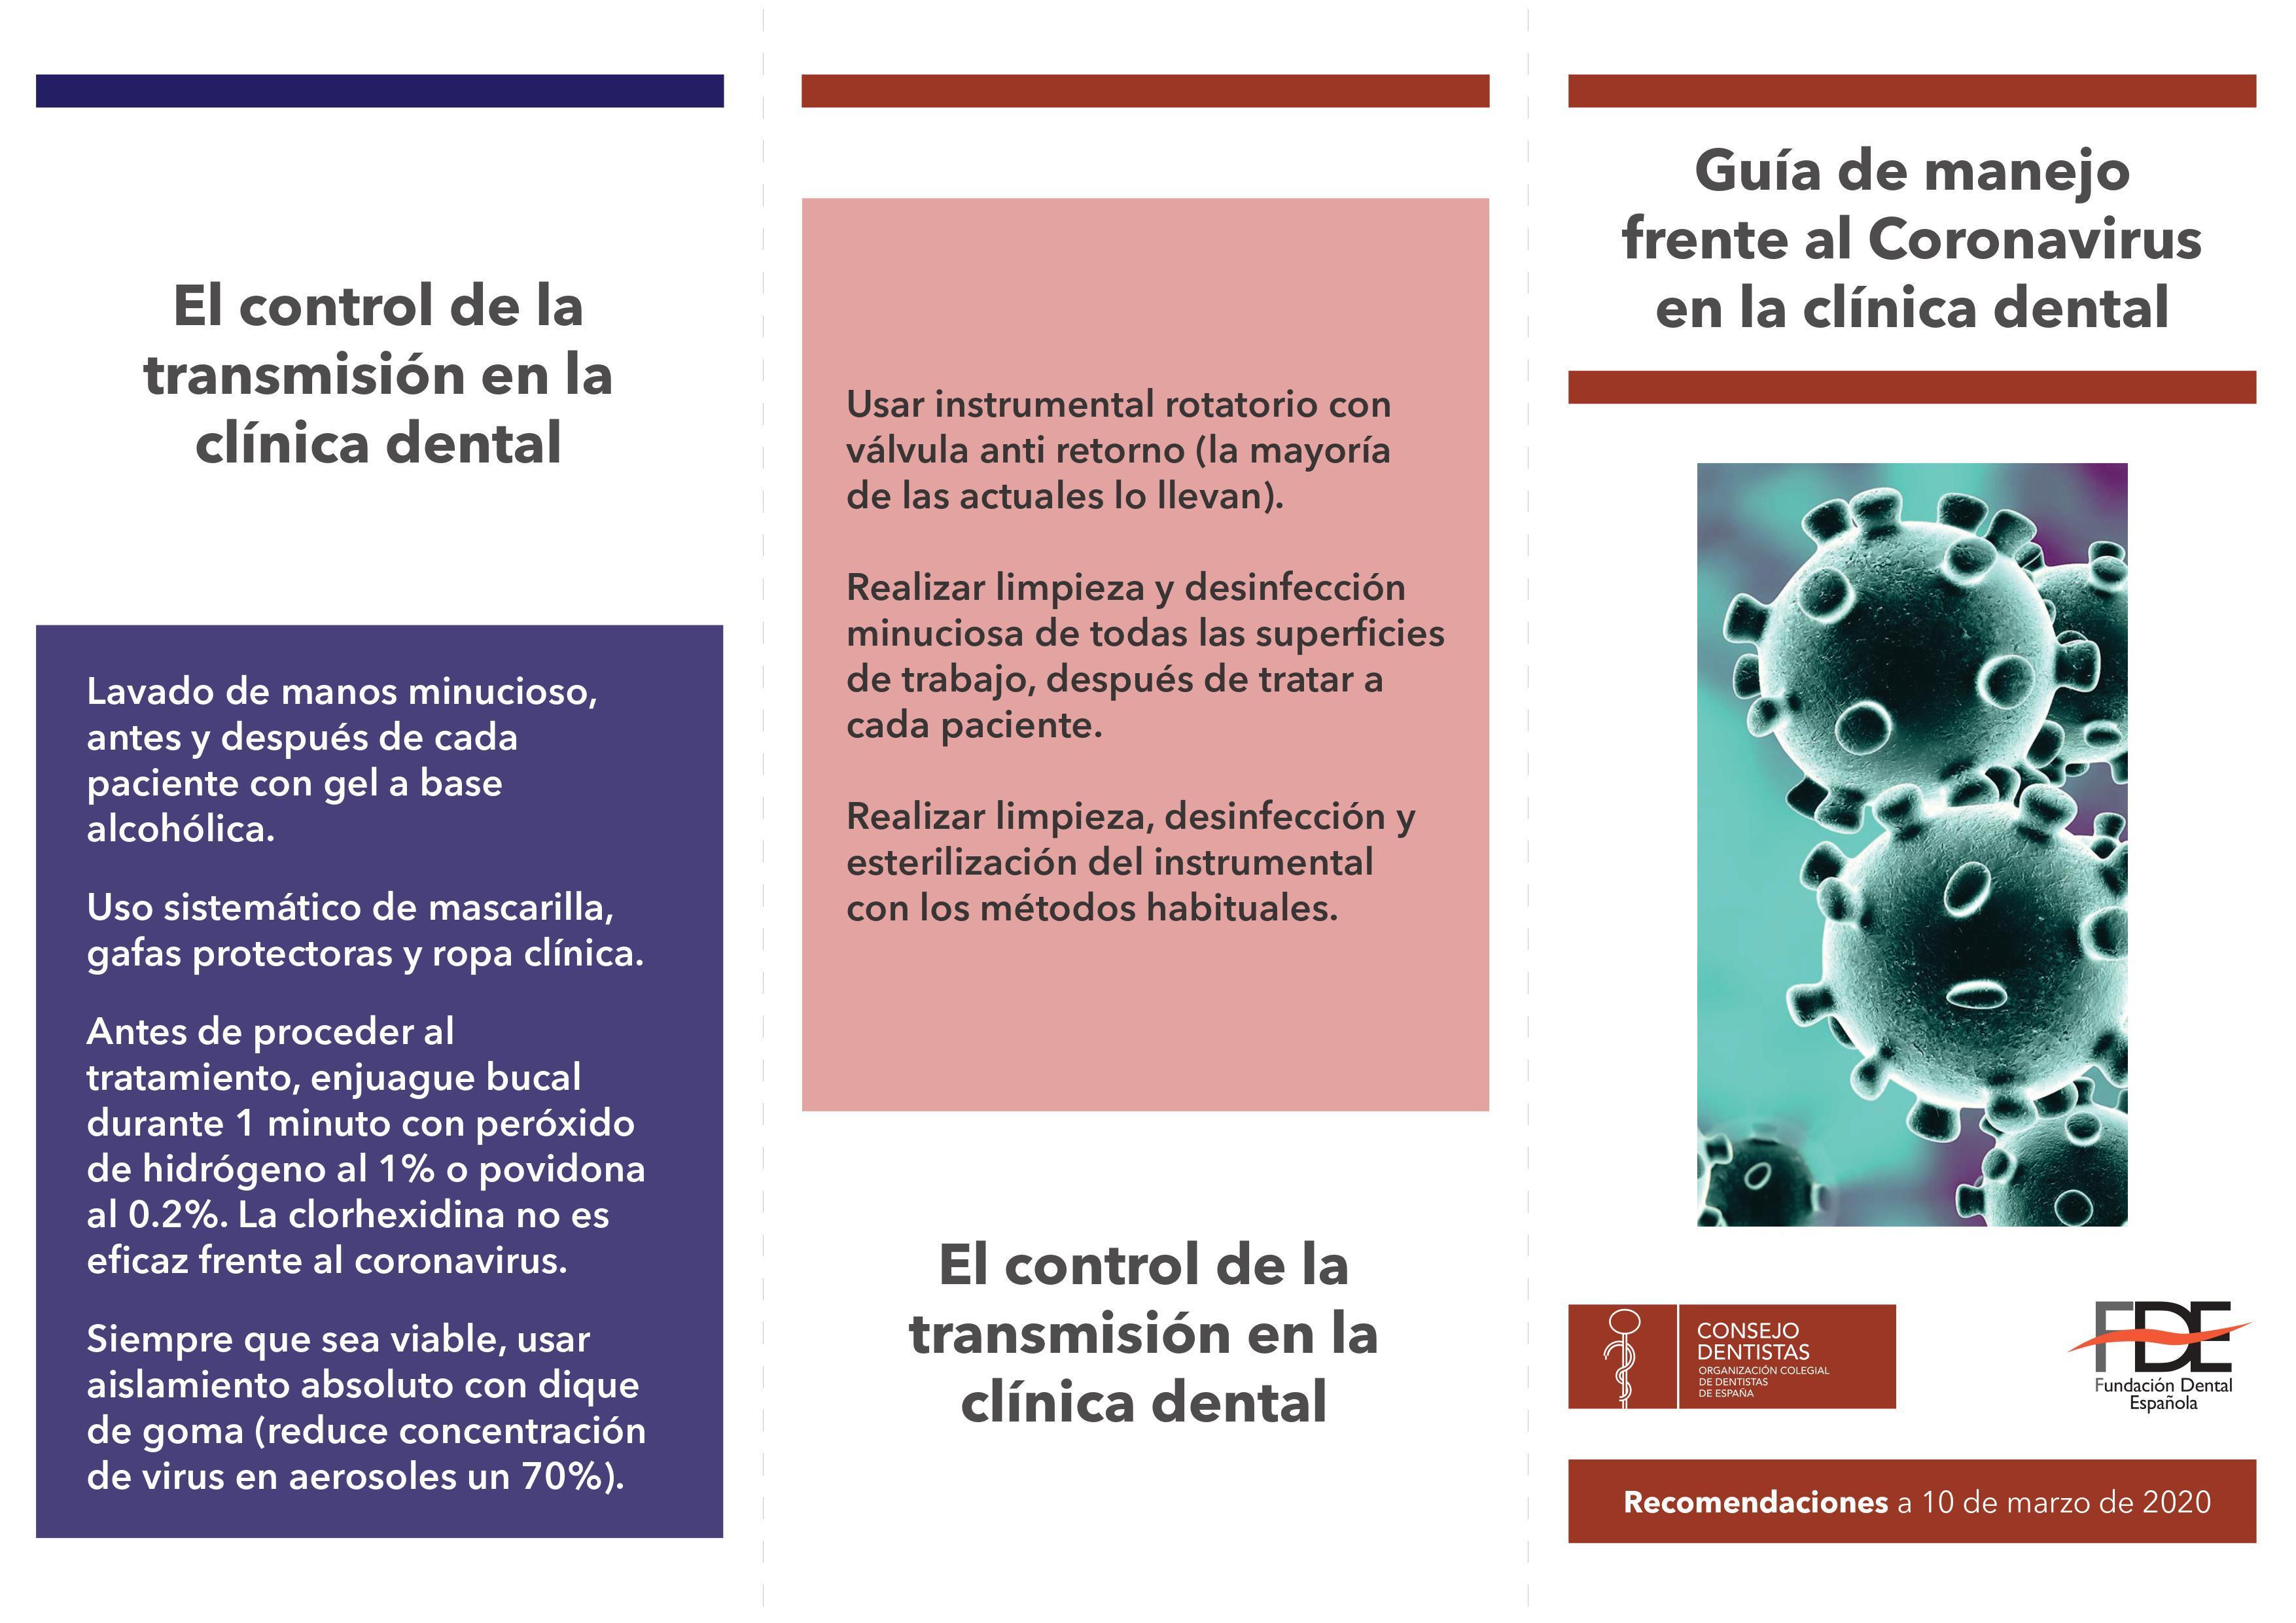 Medidas de prevención frente al coronavirus frente al paciente dental